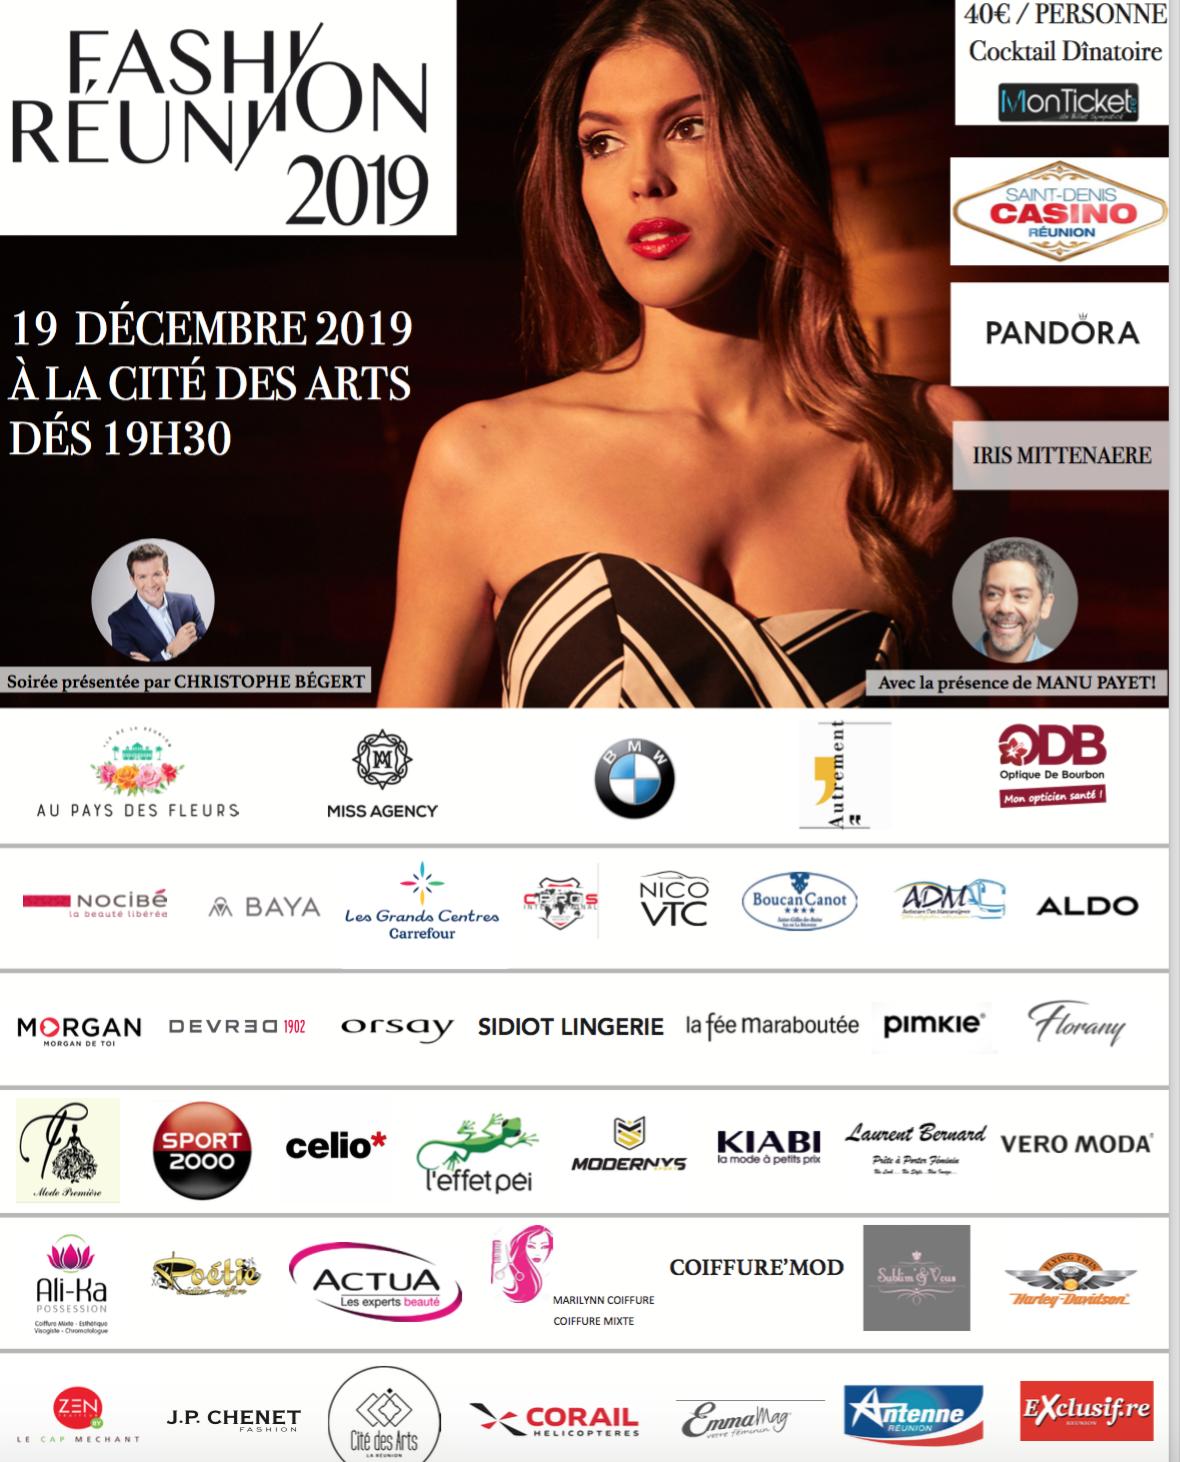 Fashion Réunion 2019: rdv jeudi 19 décembre avec Iris Mittenaere et Manu Payet